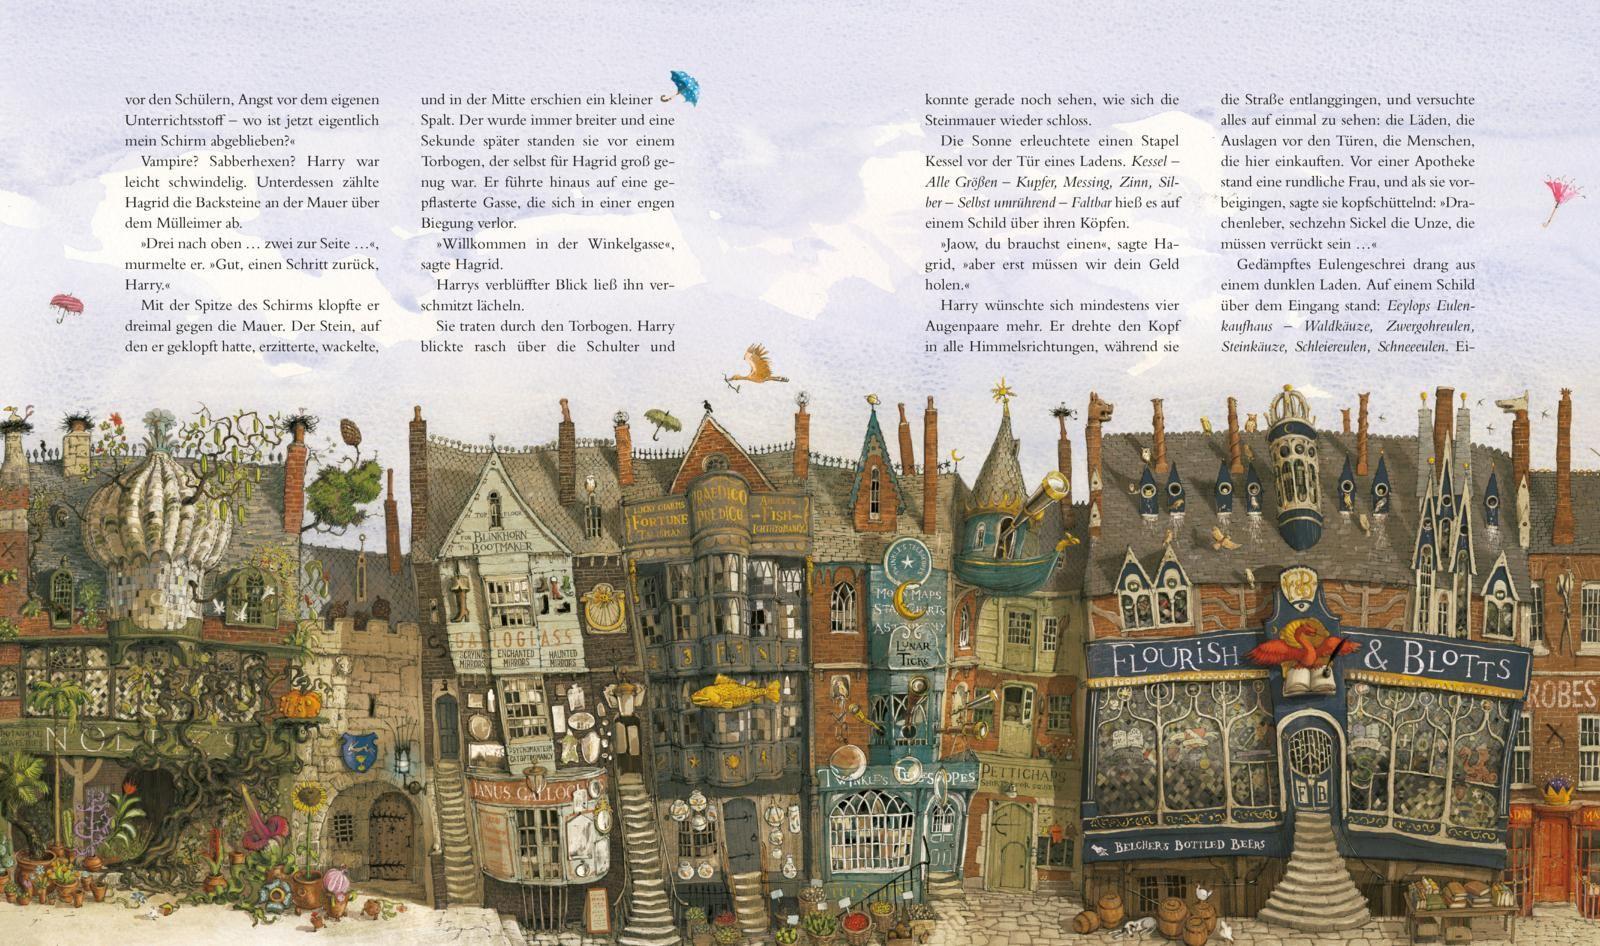 Harry Potter und der Stein der Weisen (farbig illustrierte Schmuckausgabe) (Harry Potter 1)